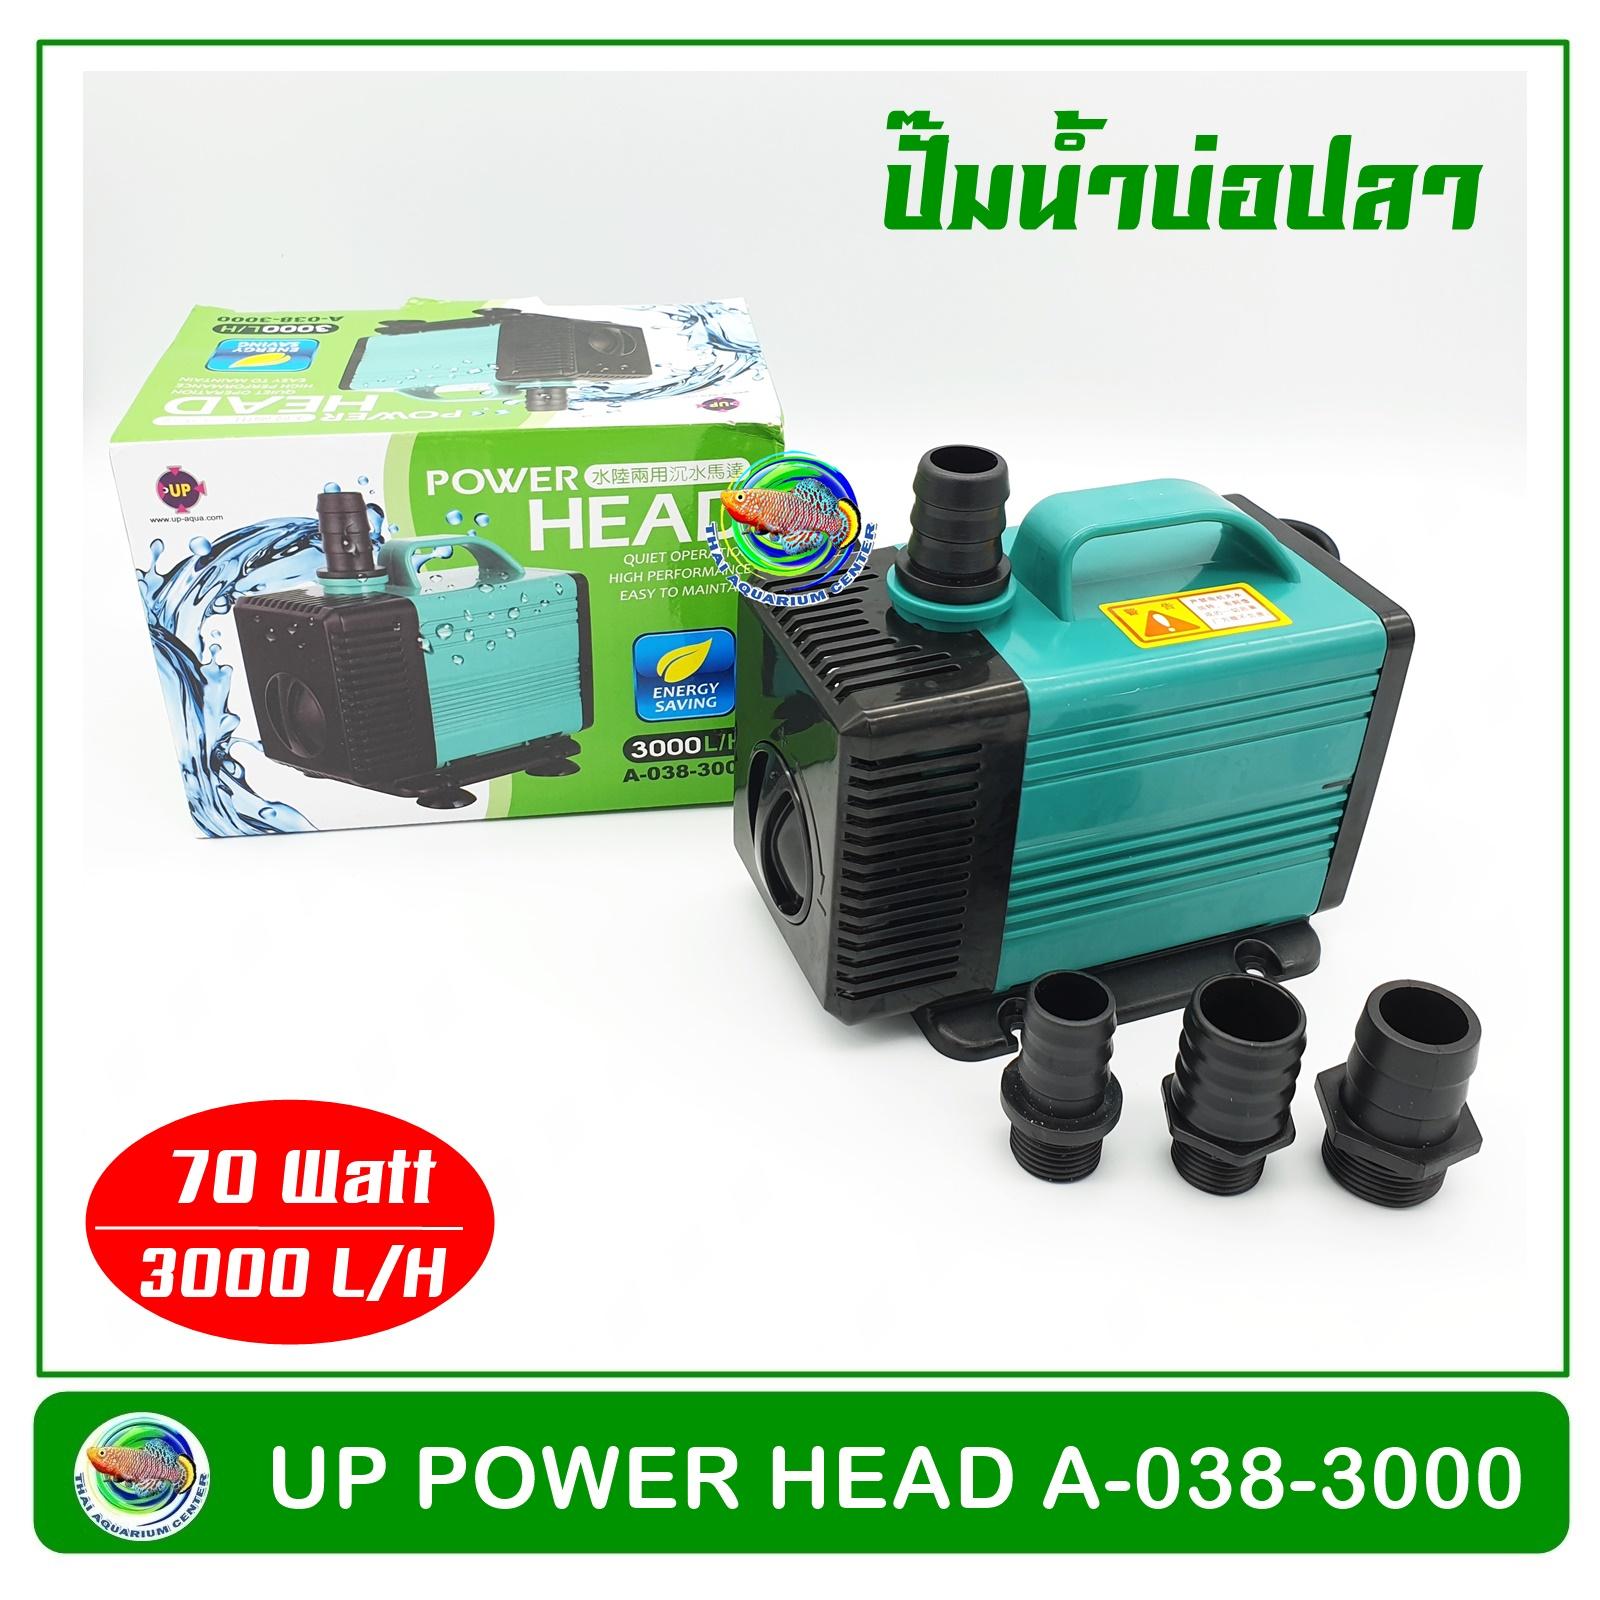 UP Aqua A-039-3000 ปั้มน้ำประหยัดไฟ ปั๊มน้ำตู้ปลา 3000 L/H สำหรับตู้ขนาด 60 นิ้วขึ้นไป ปั๊มน้ำ ปั๊มแ